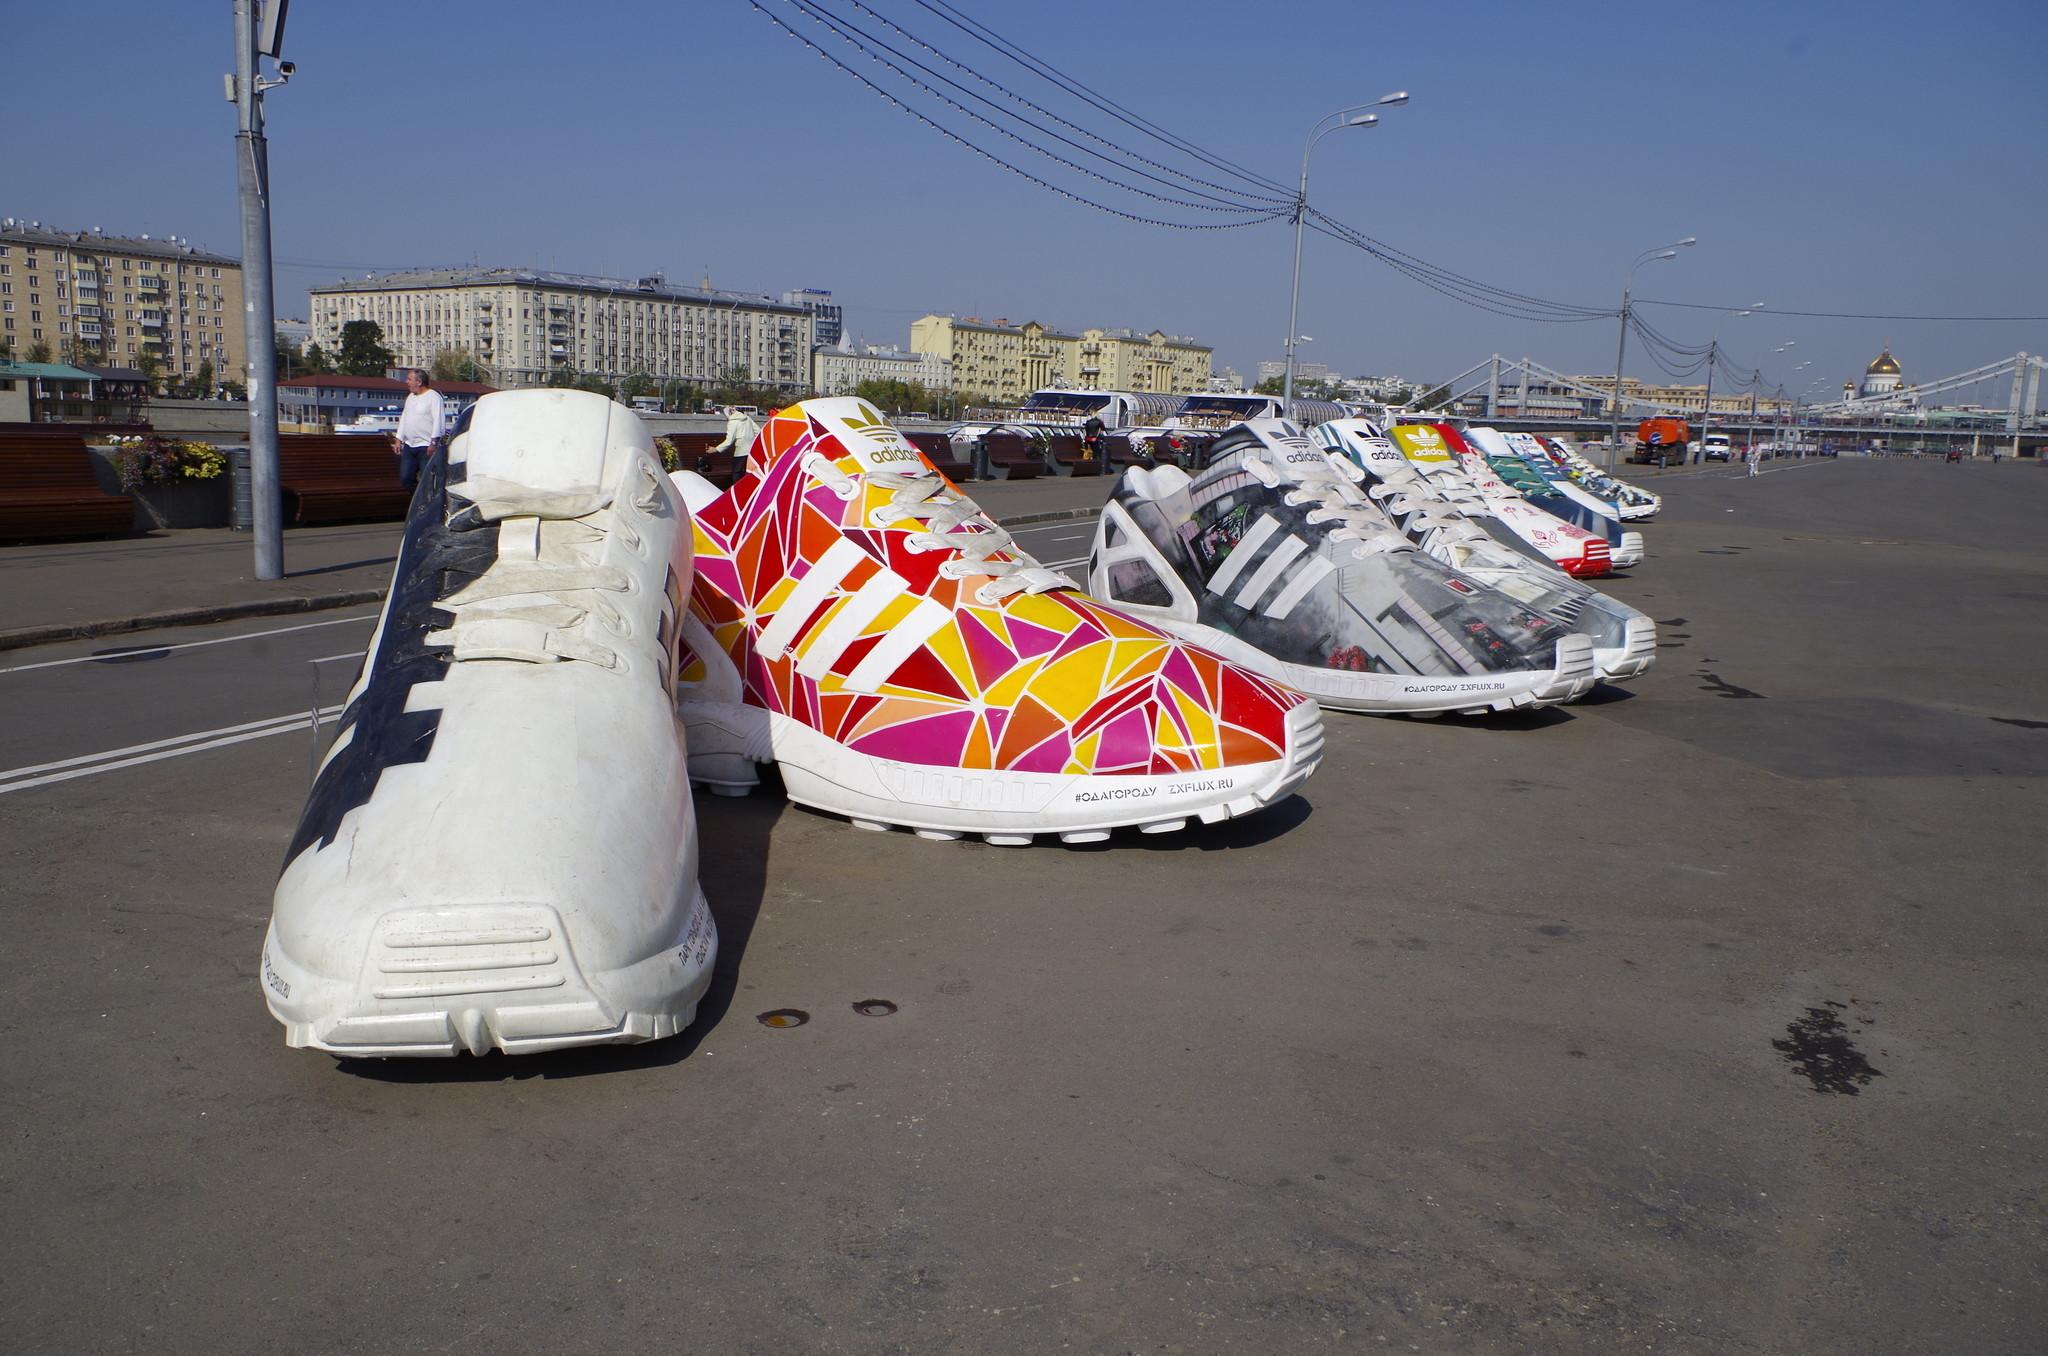 Прототипом уникальных инсталляций стала модель кроссовок adidas Originals ZX Flux из легендарной серии ZX